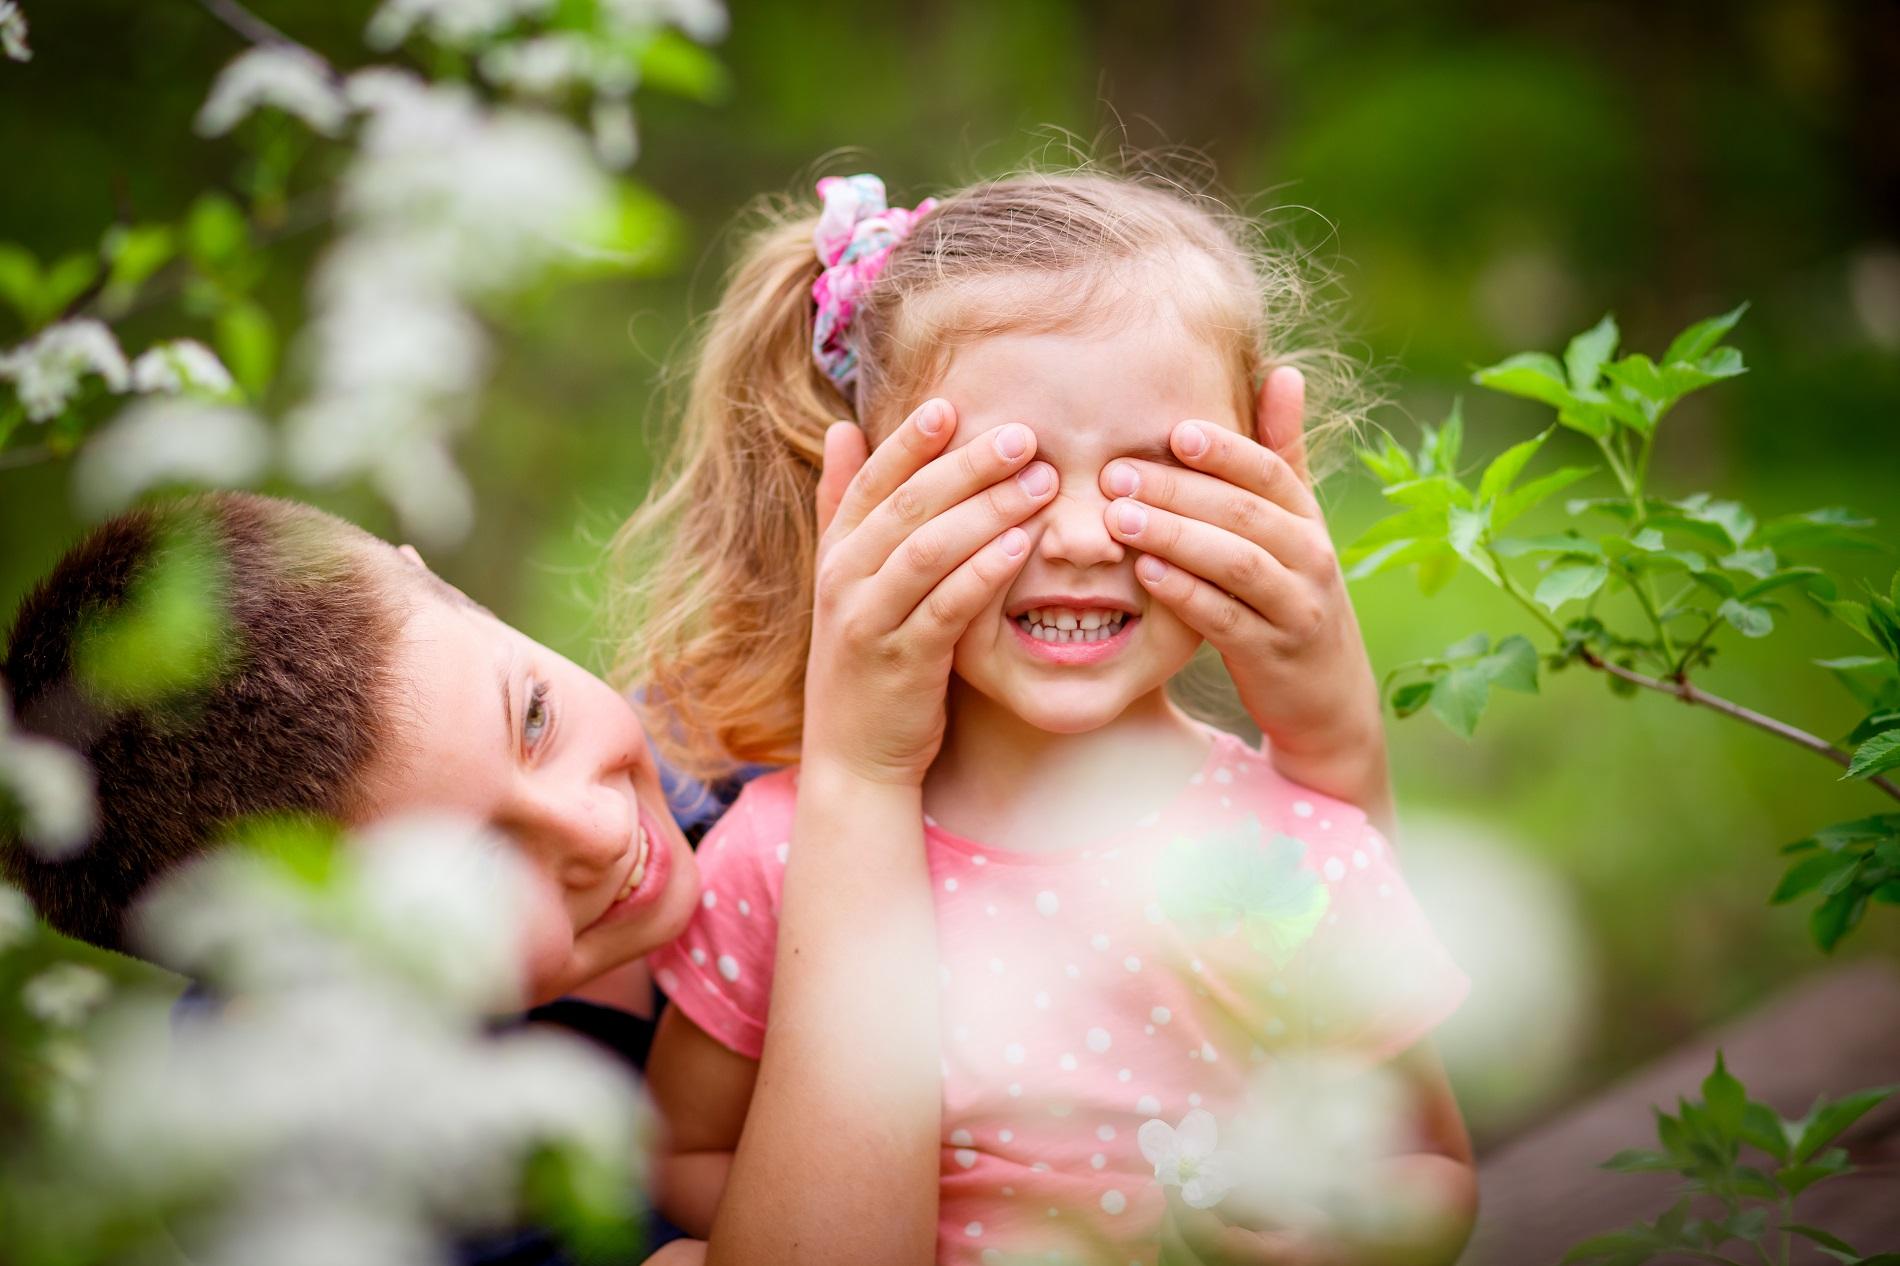 בשביל העתיד של המשפחה שלכם | צילום מתוך מאגר תמונות